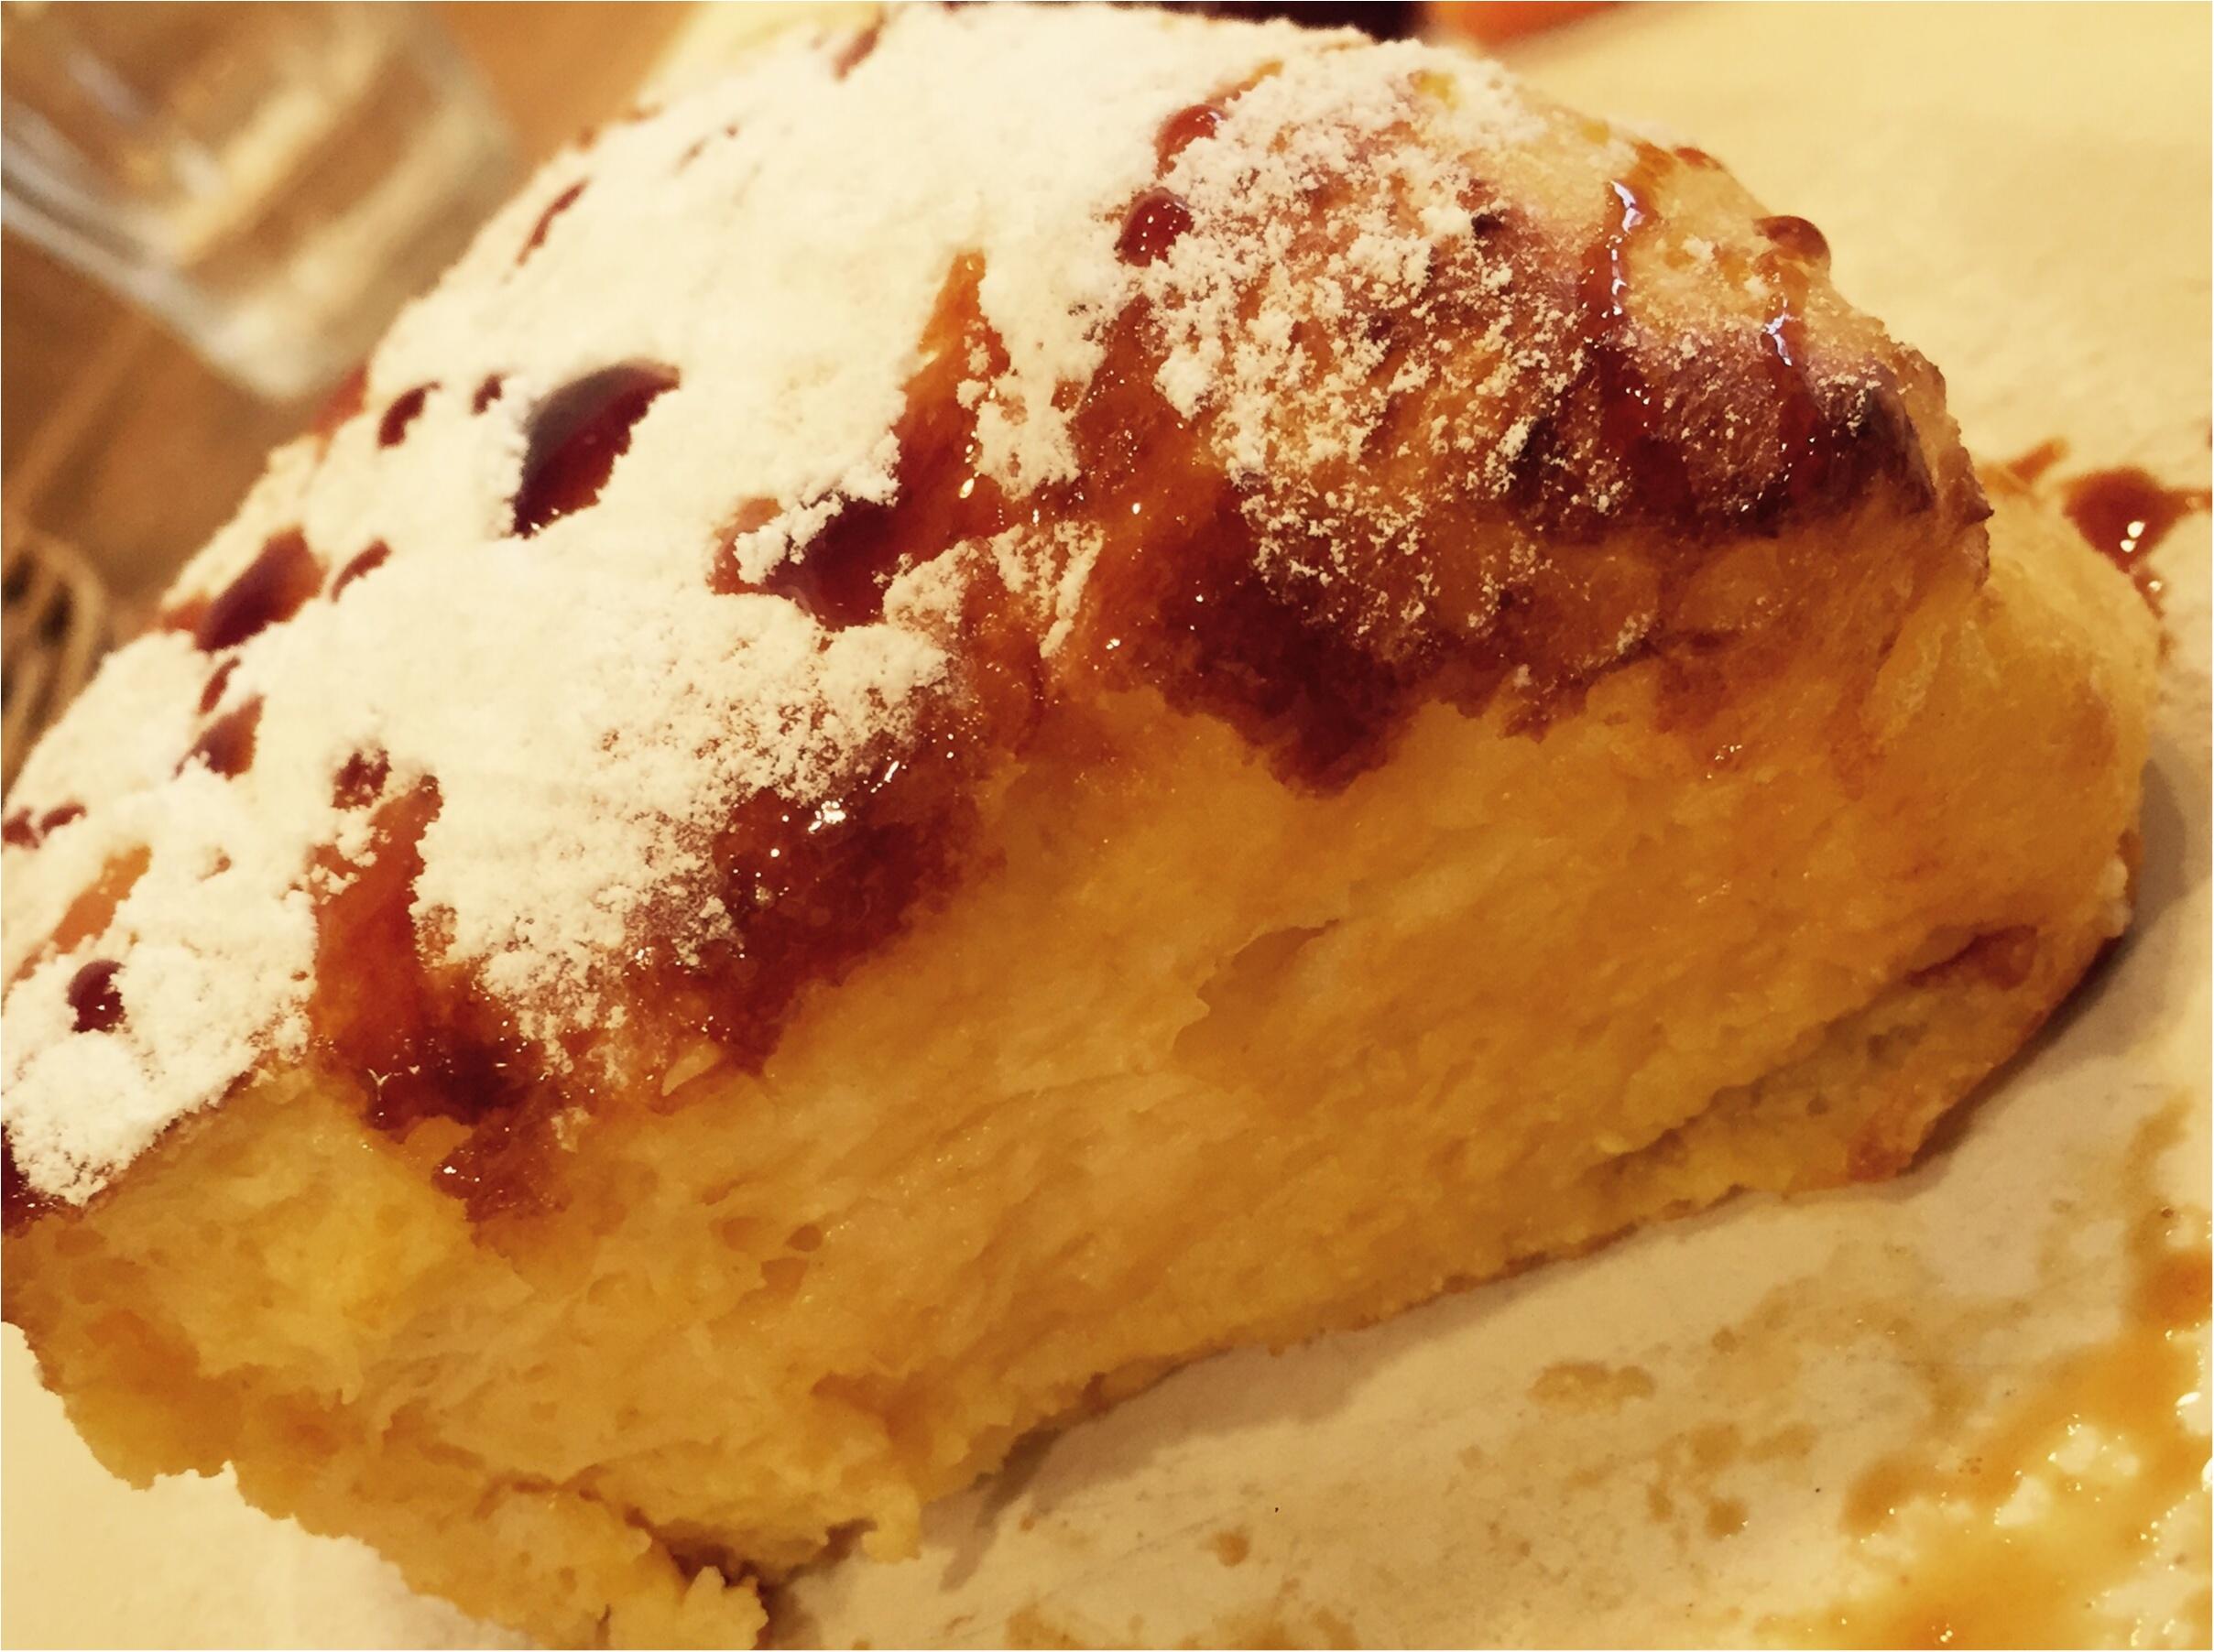 天神橋筋商店街にニューオープンしたフレンチトースト専門店♡なんと!紅茶飲み放題のメニューがあるのです!♡_5